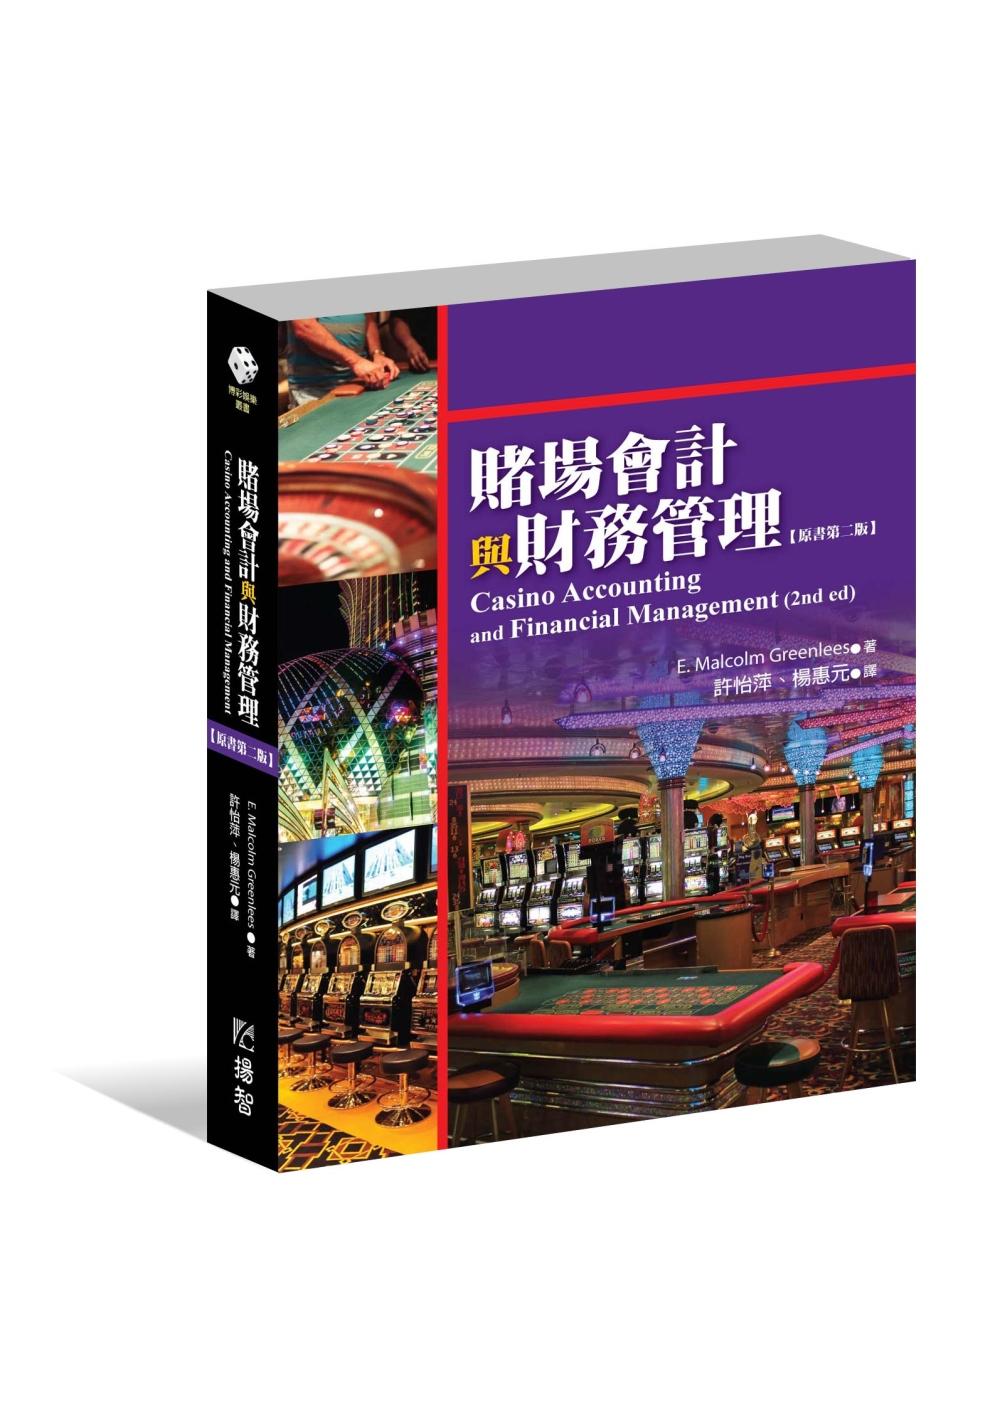 賭場會計與財務管理 (原書第二版)